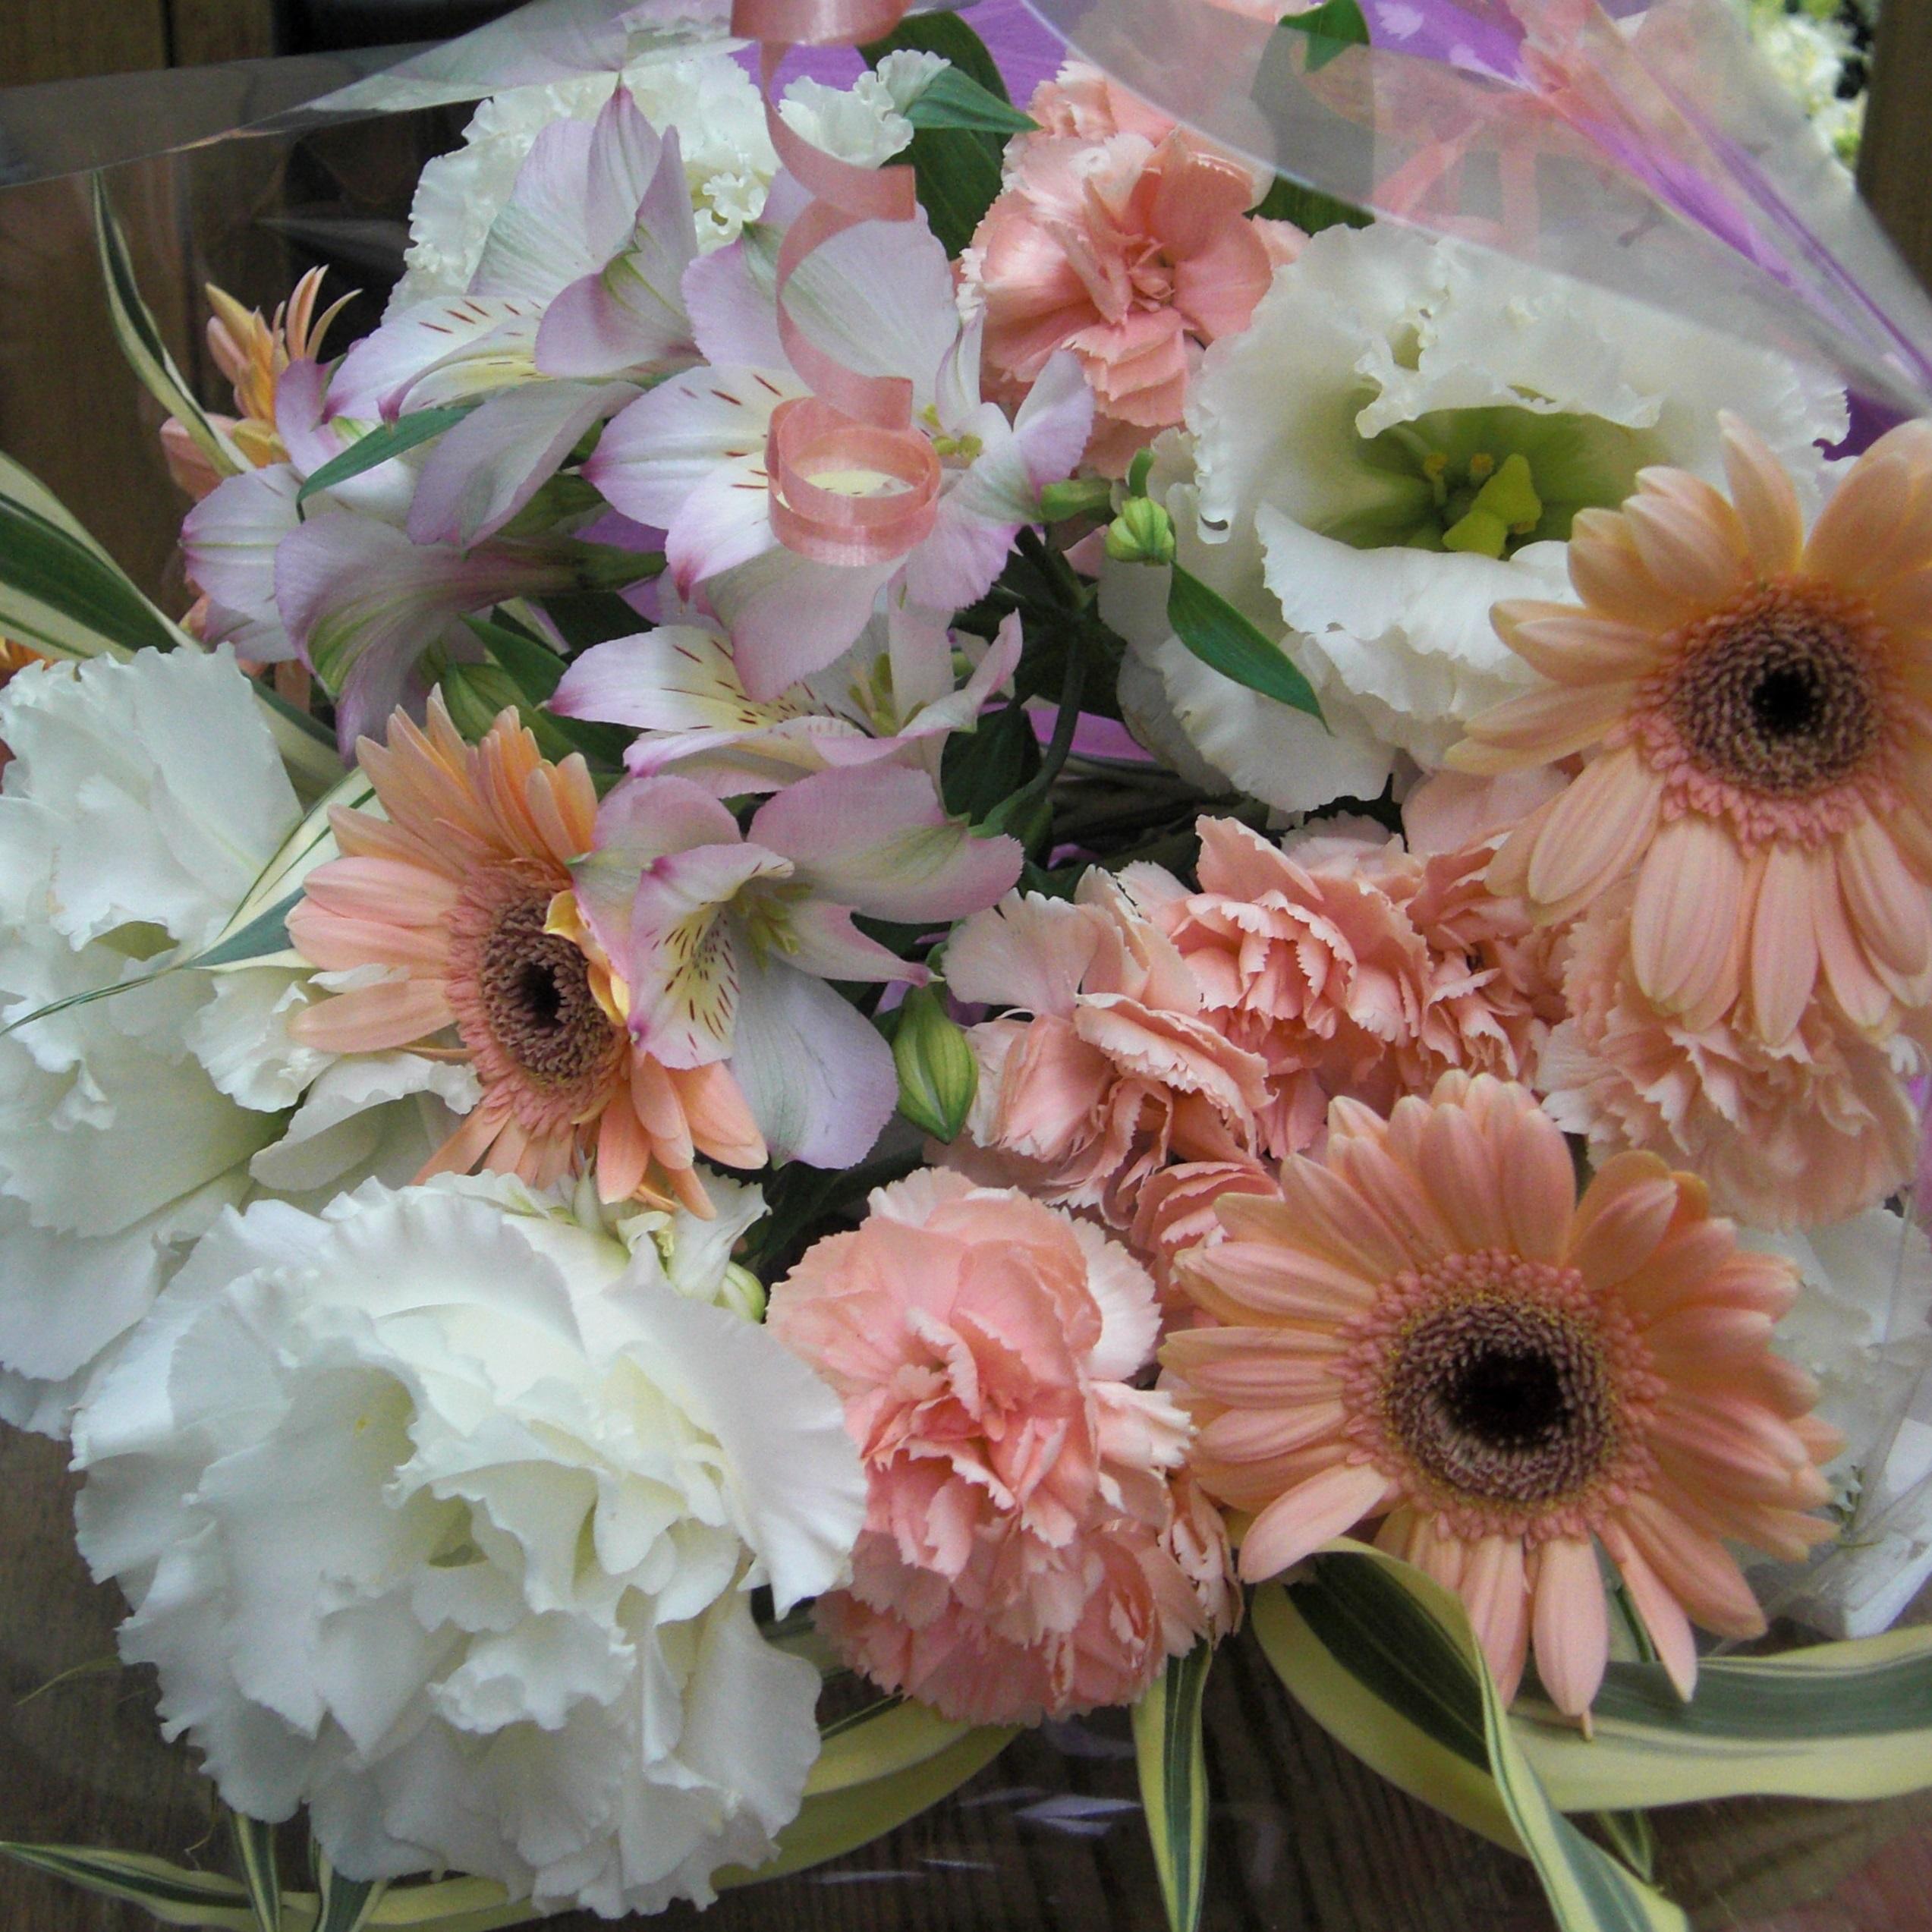 ピンクのガーベラや白いトルコキキョウを使った花束